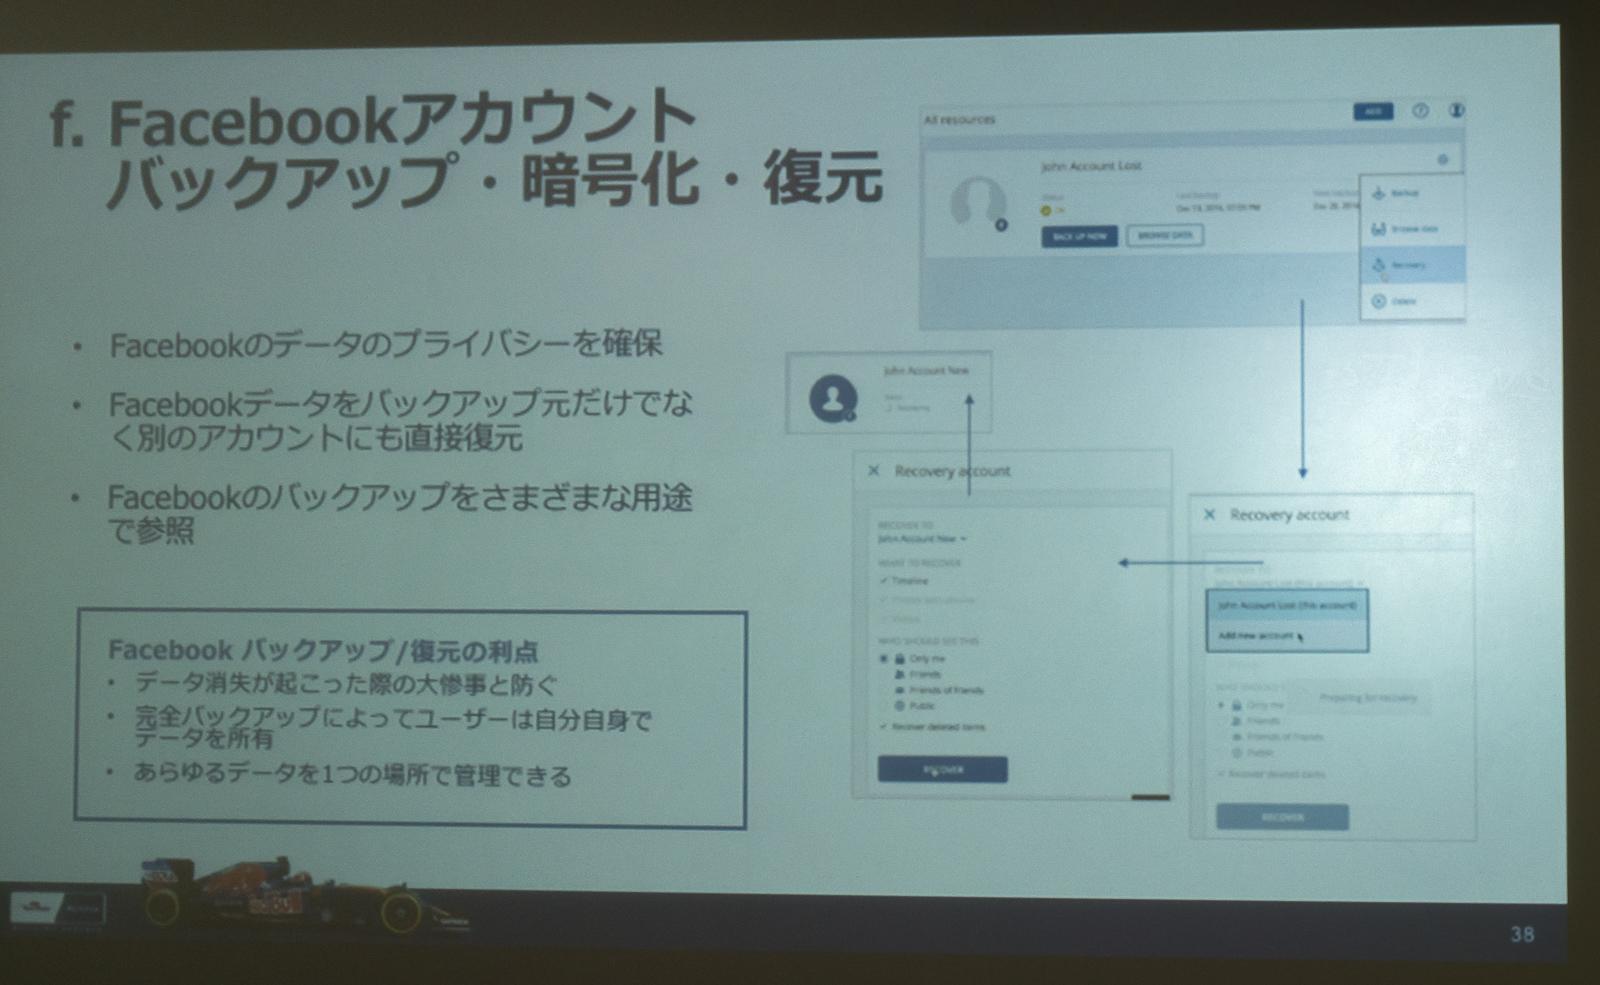 Facebookアカウントのデータをバックアップし、既存のアカウントや新規アカウントにデータを復元することもできるようになった